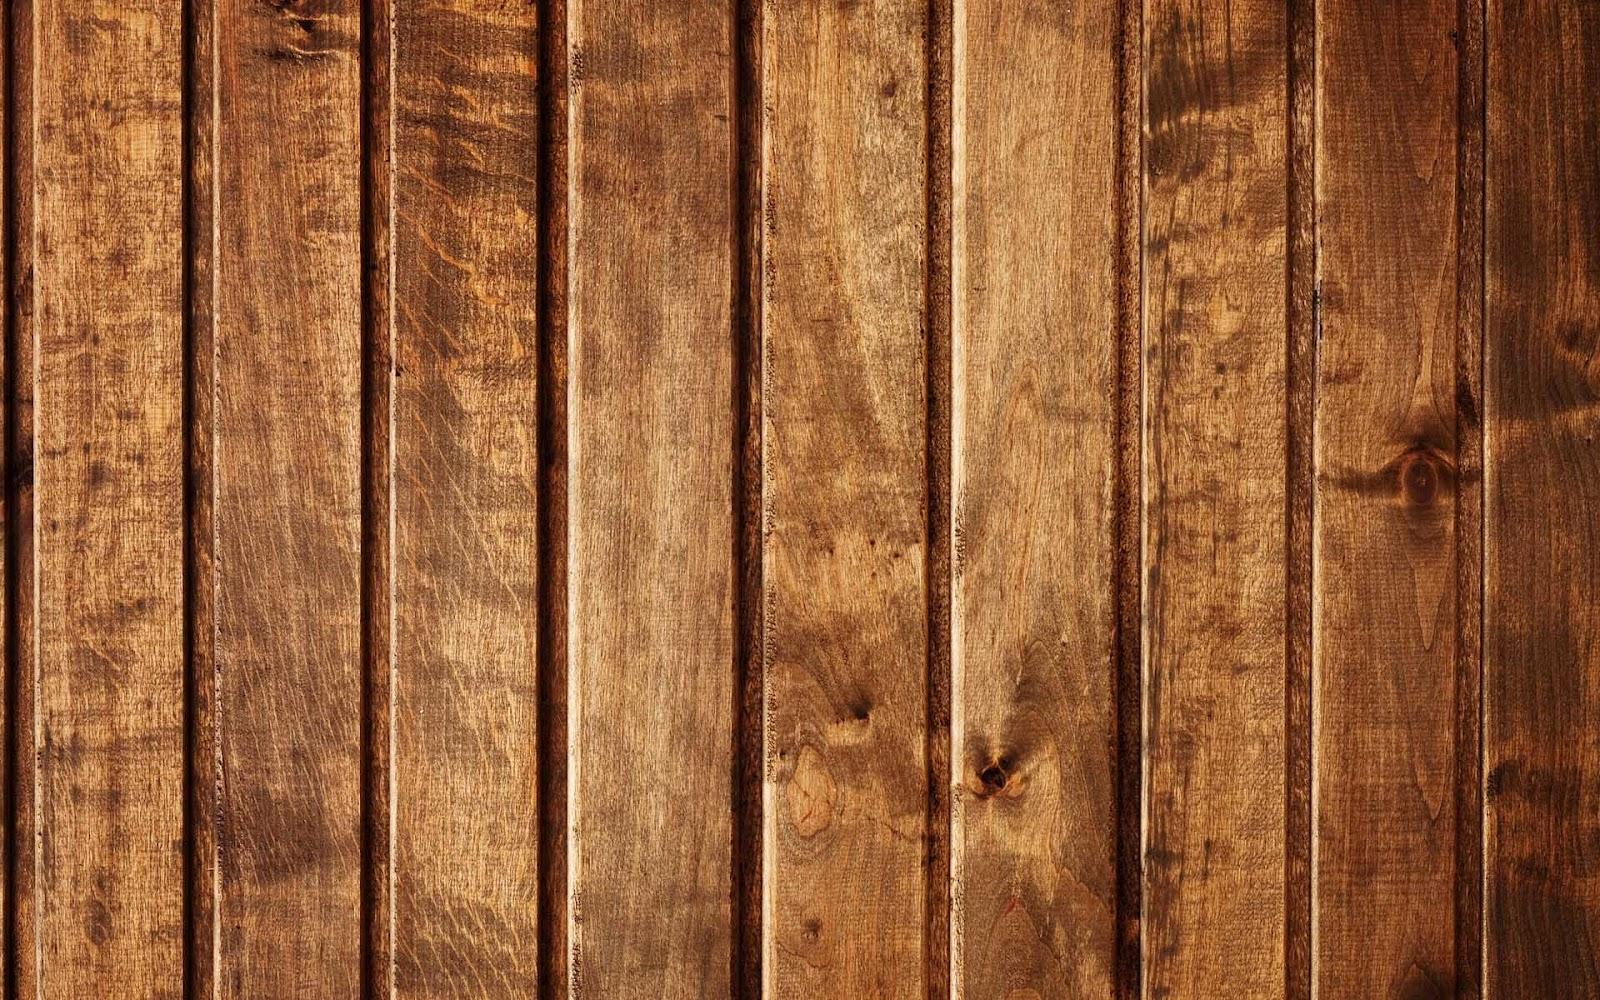 houten achtergronden hd - photo #7